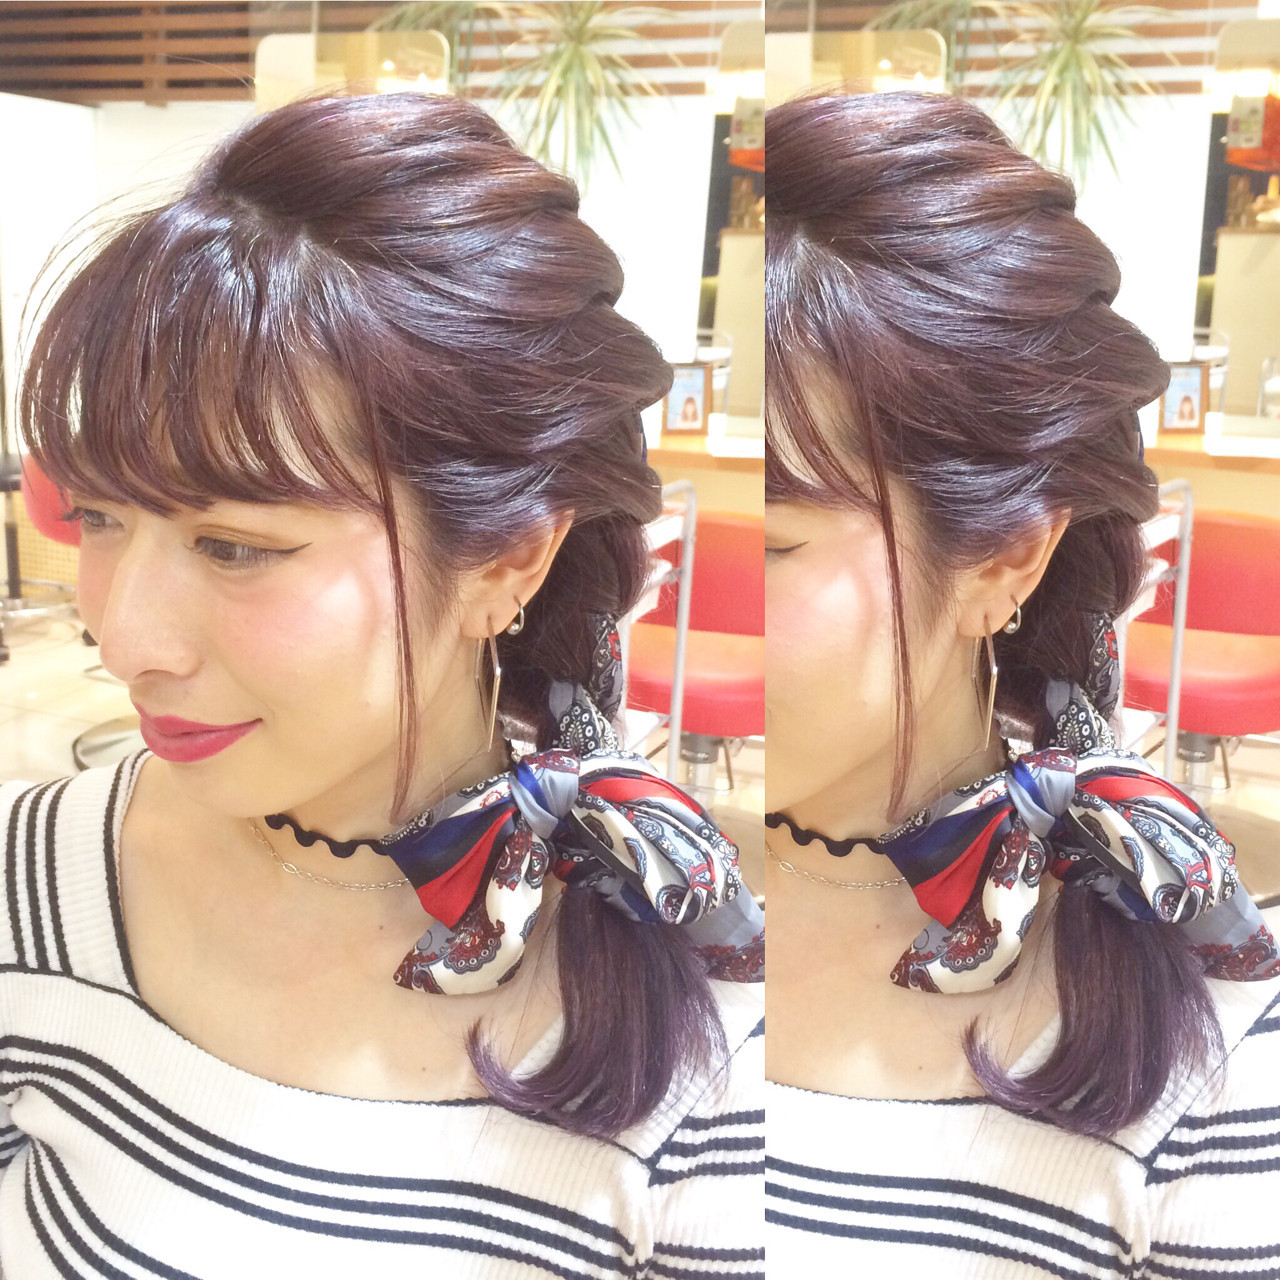 ミディアム 時短 簡単ヘアアレンジ ヘアアクセ ヘアスタイルや髪型の写真・画像